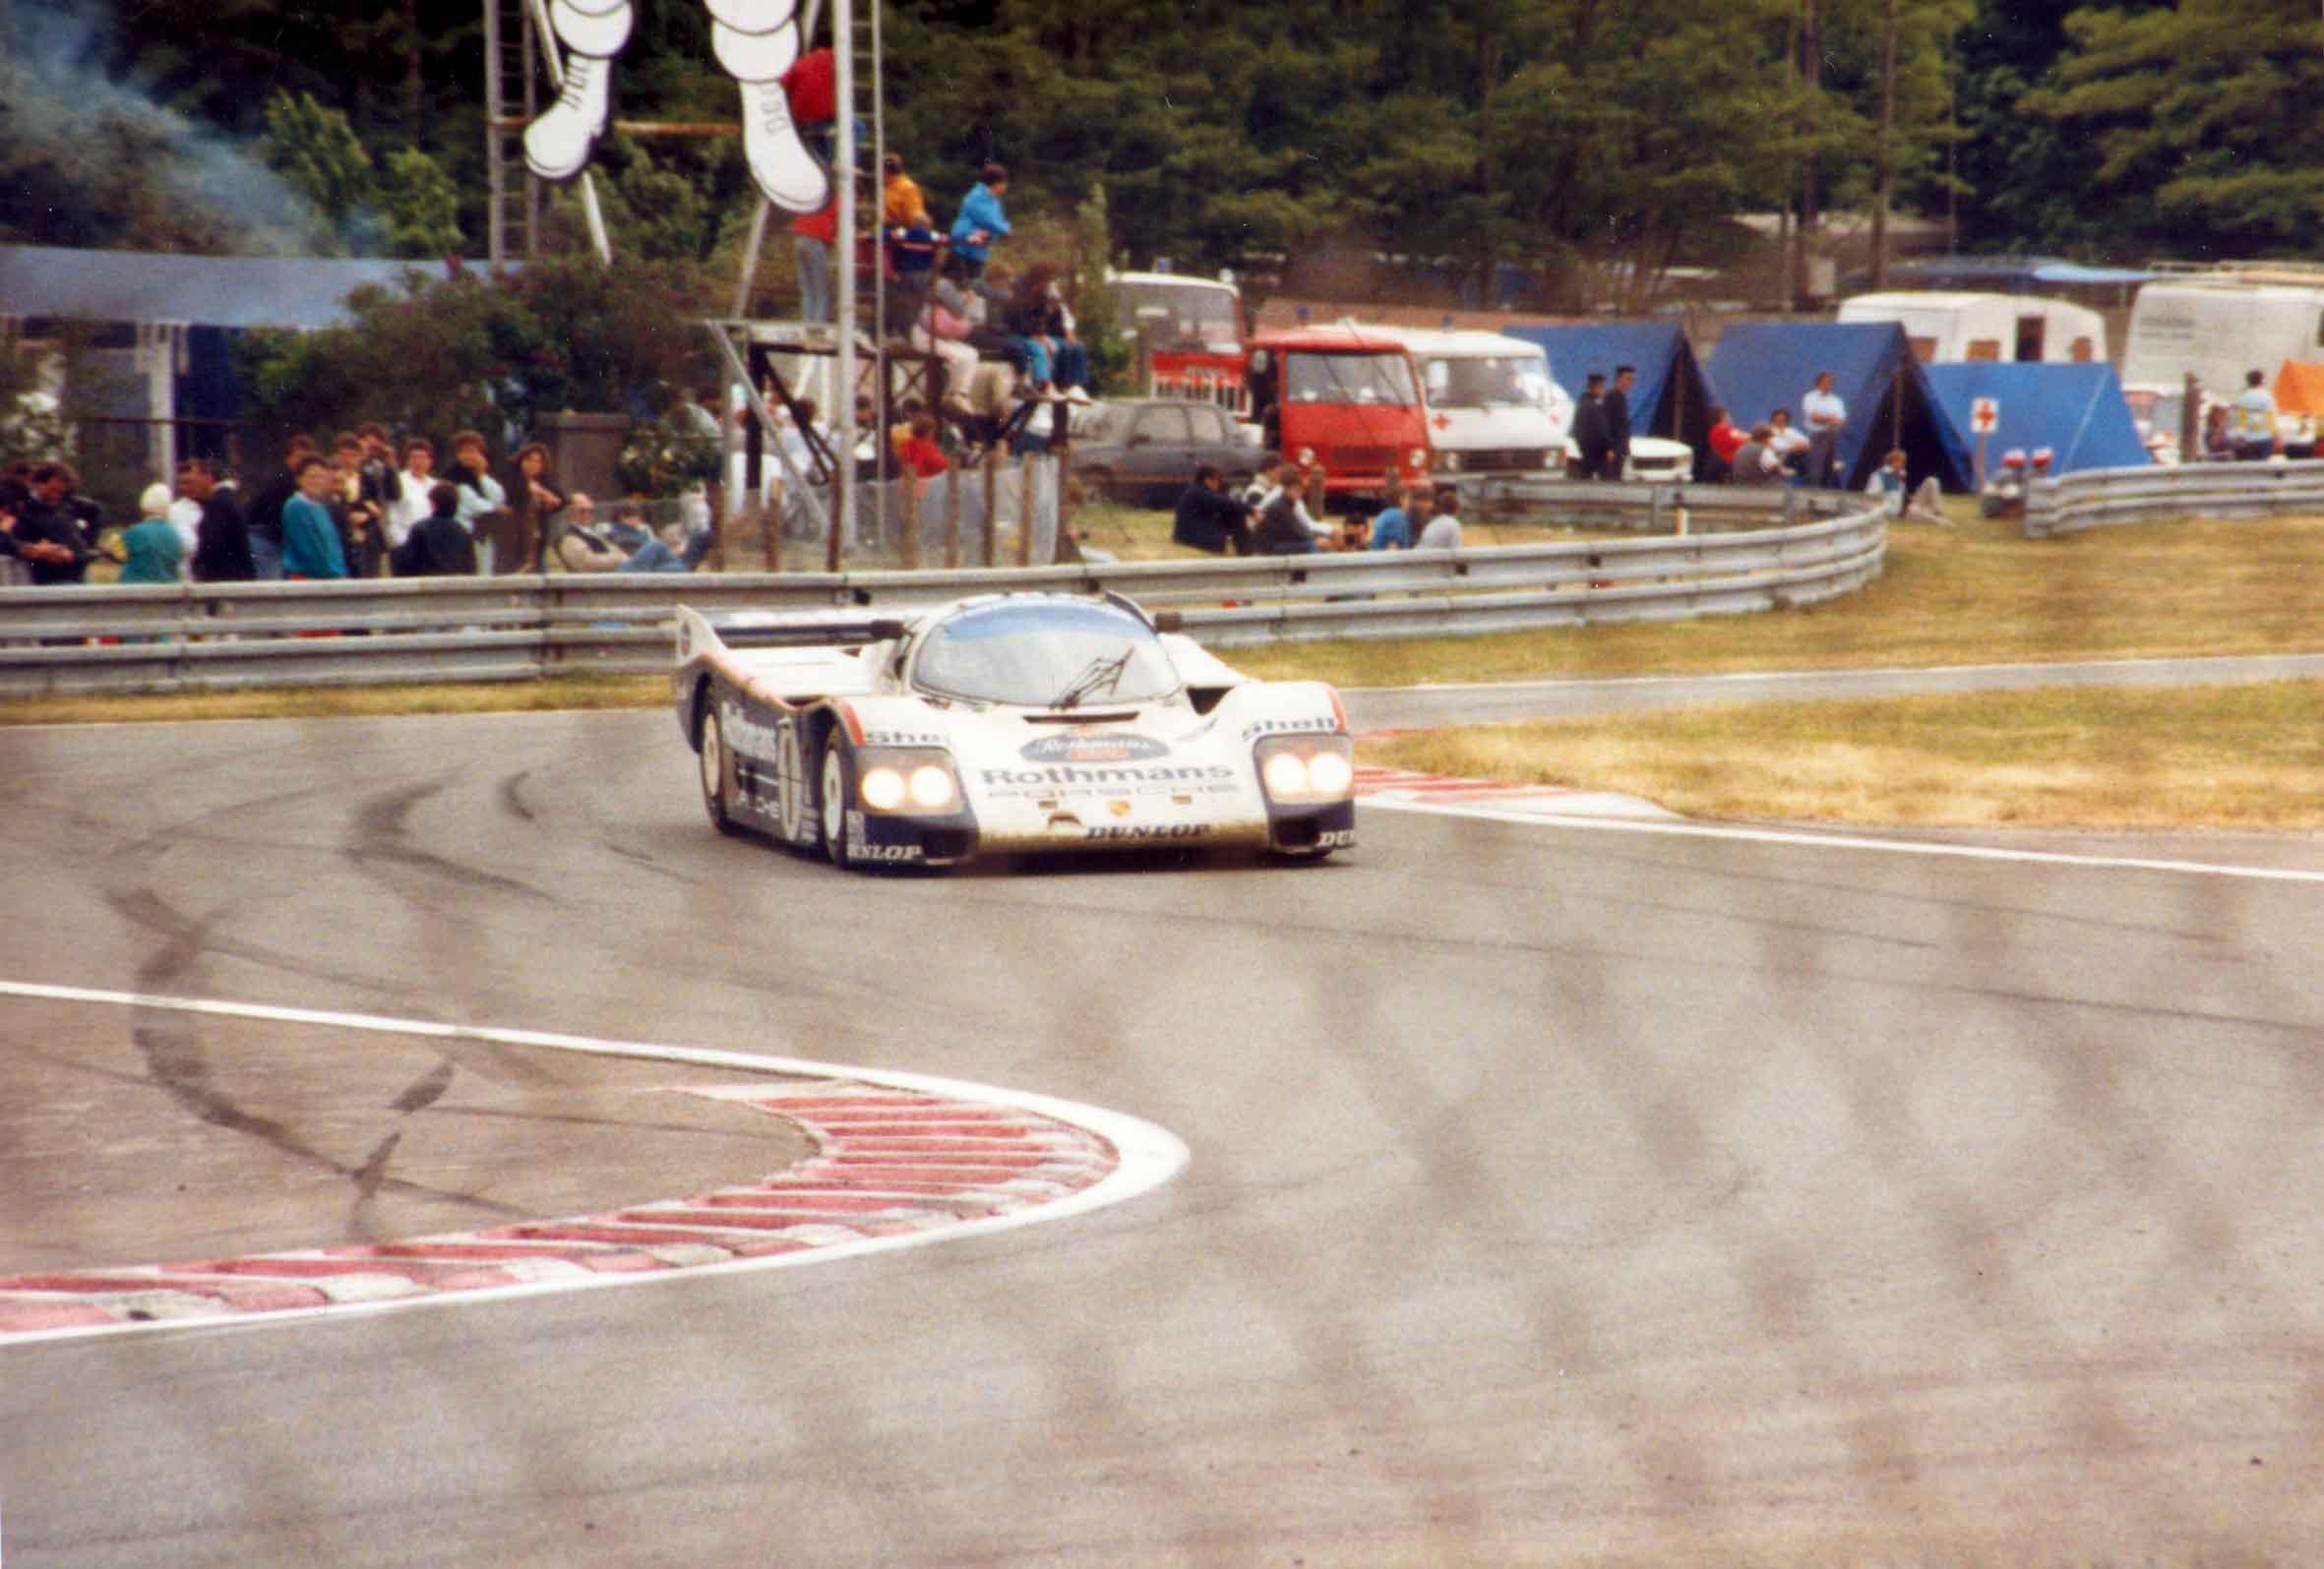 24 Heures du Mans 1986 - Wikiwand on porsche 911 gt3 rsr, porsche 908 chassis, porsche 911 gt1, porsche imsa gtp, porsche 935 turbo, porsche crash, porsche 911 drawing,